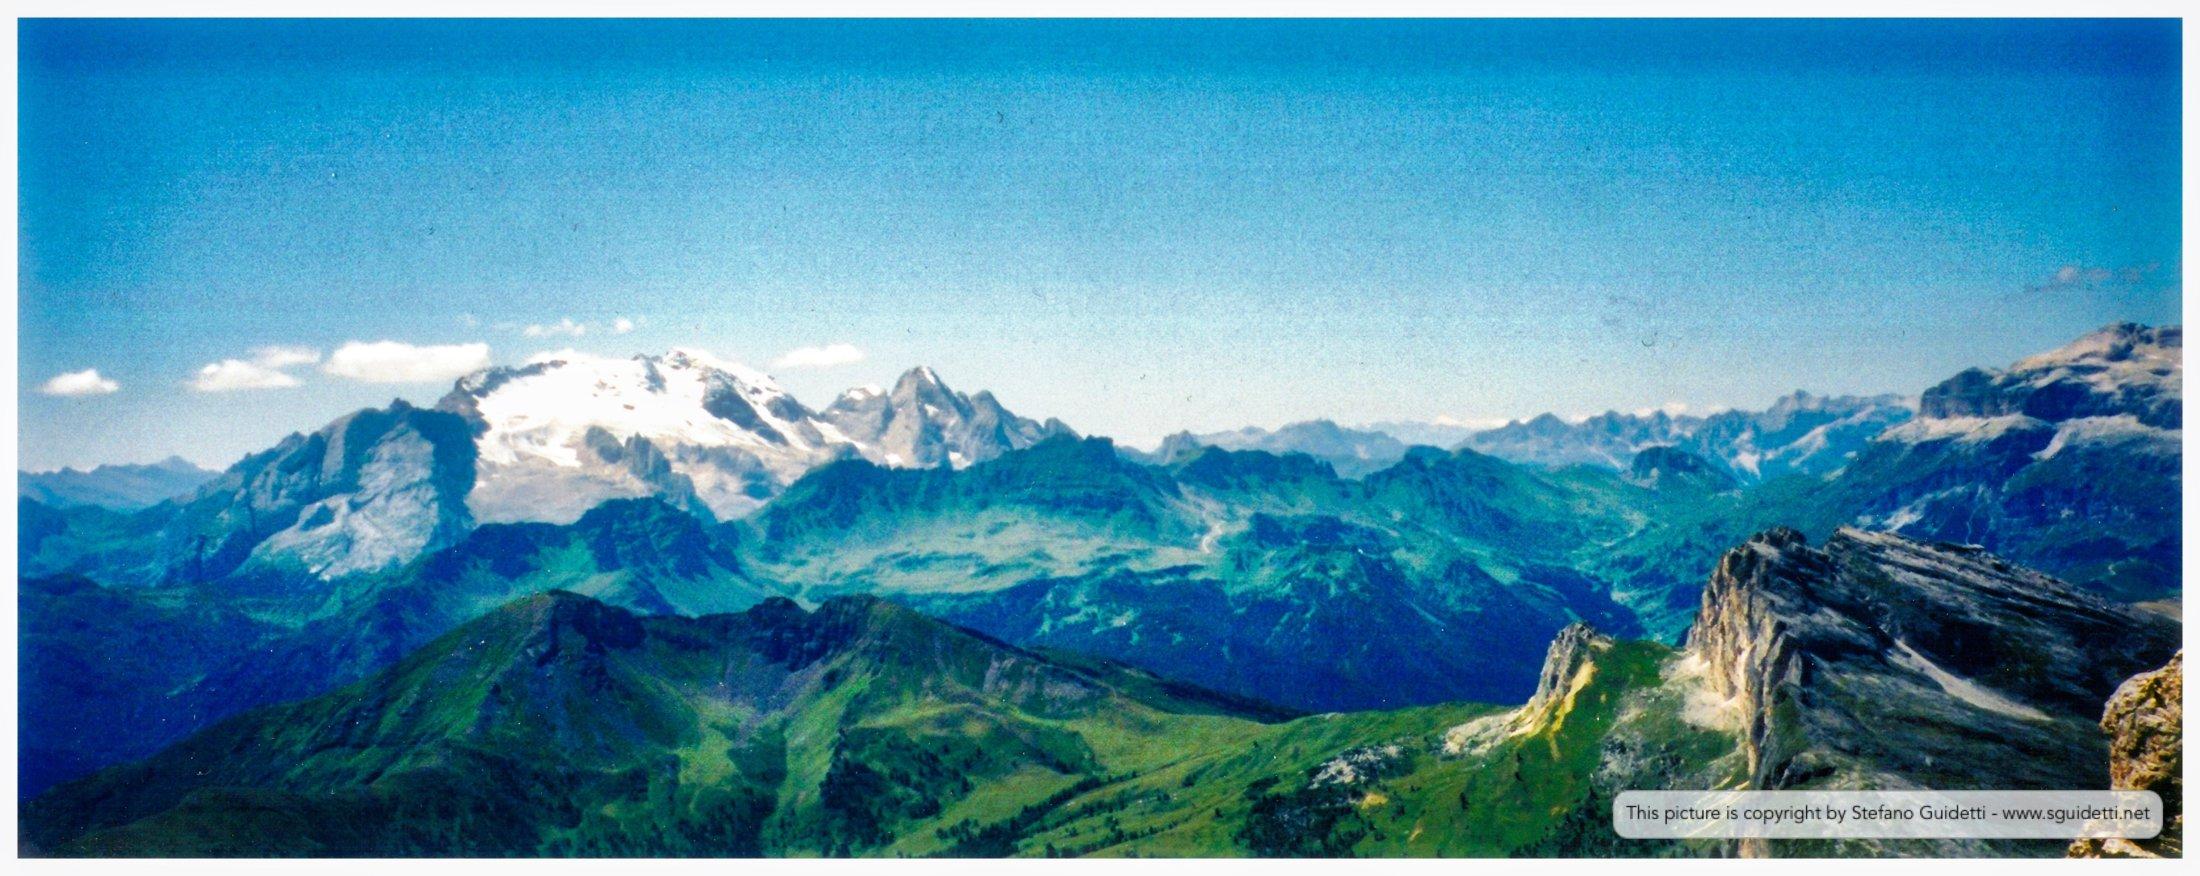 landscapes_20020824_IMG_0069